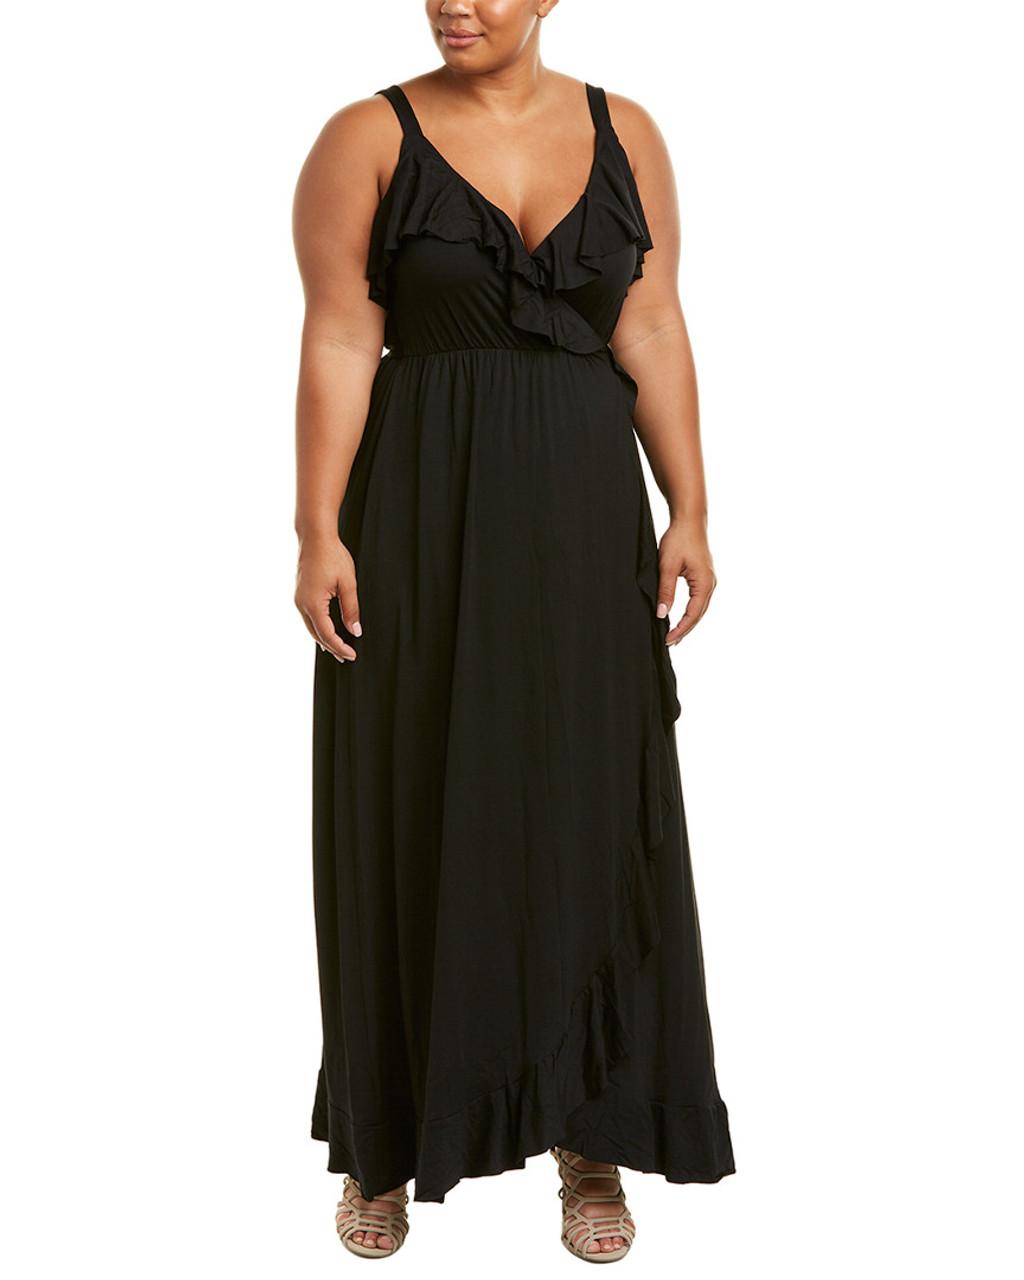 3f64ddc0dca Rachel Pally Plus Li Wrap Dress~1411781080 - Bon-Ton